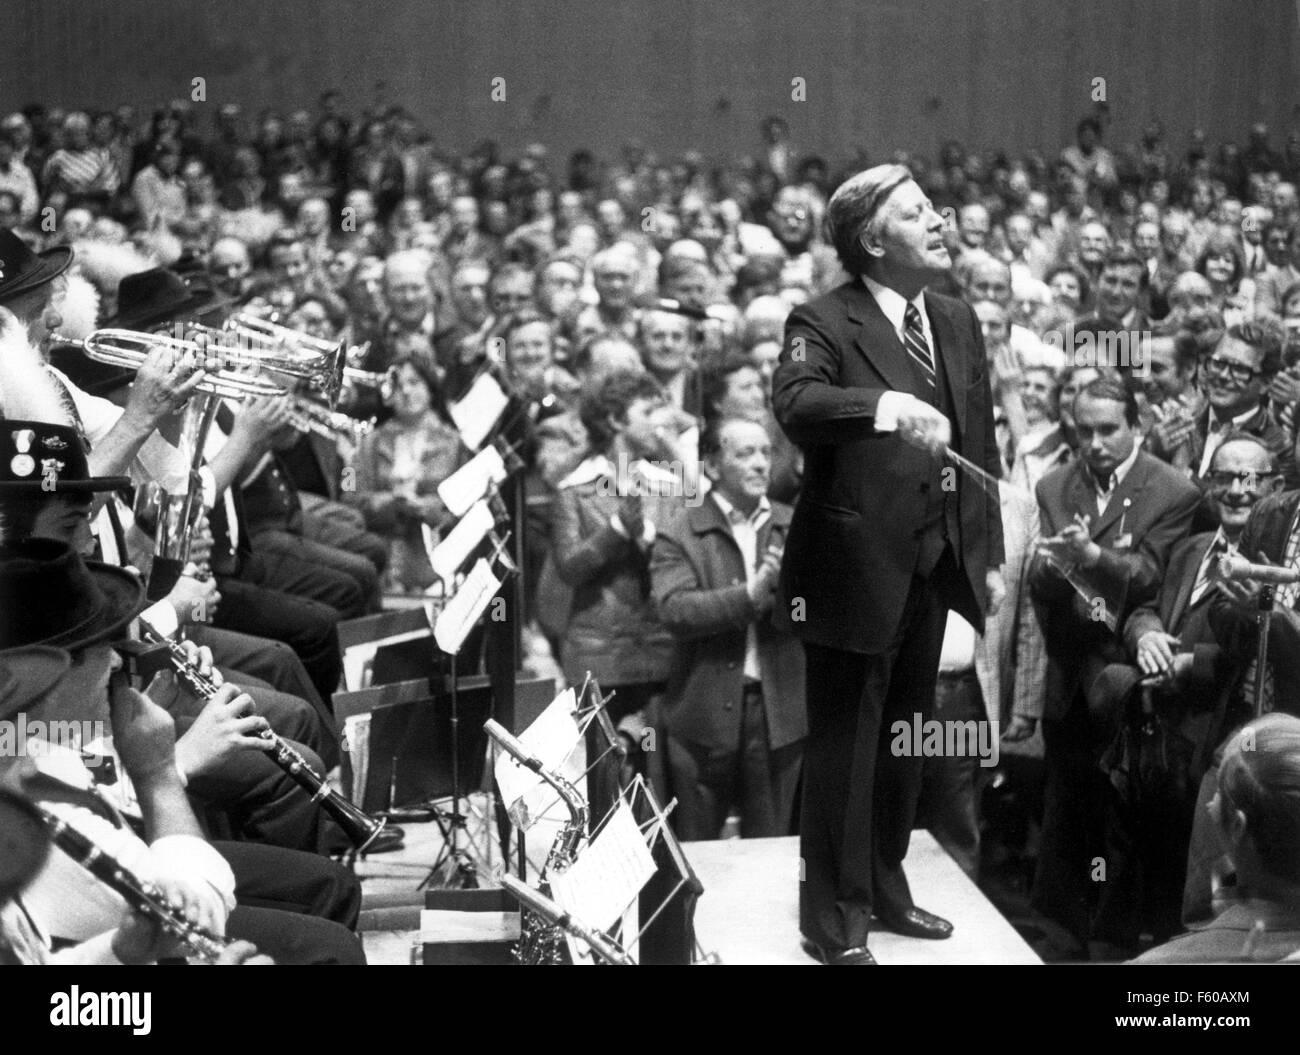 Le chancelier Helmut Schmidt procède à un groupe de musique traditionnel le 20 Deptember 1976 à Hof. Banque D'Images